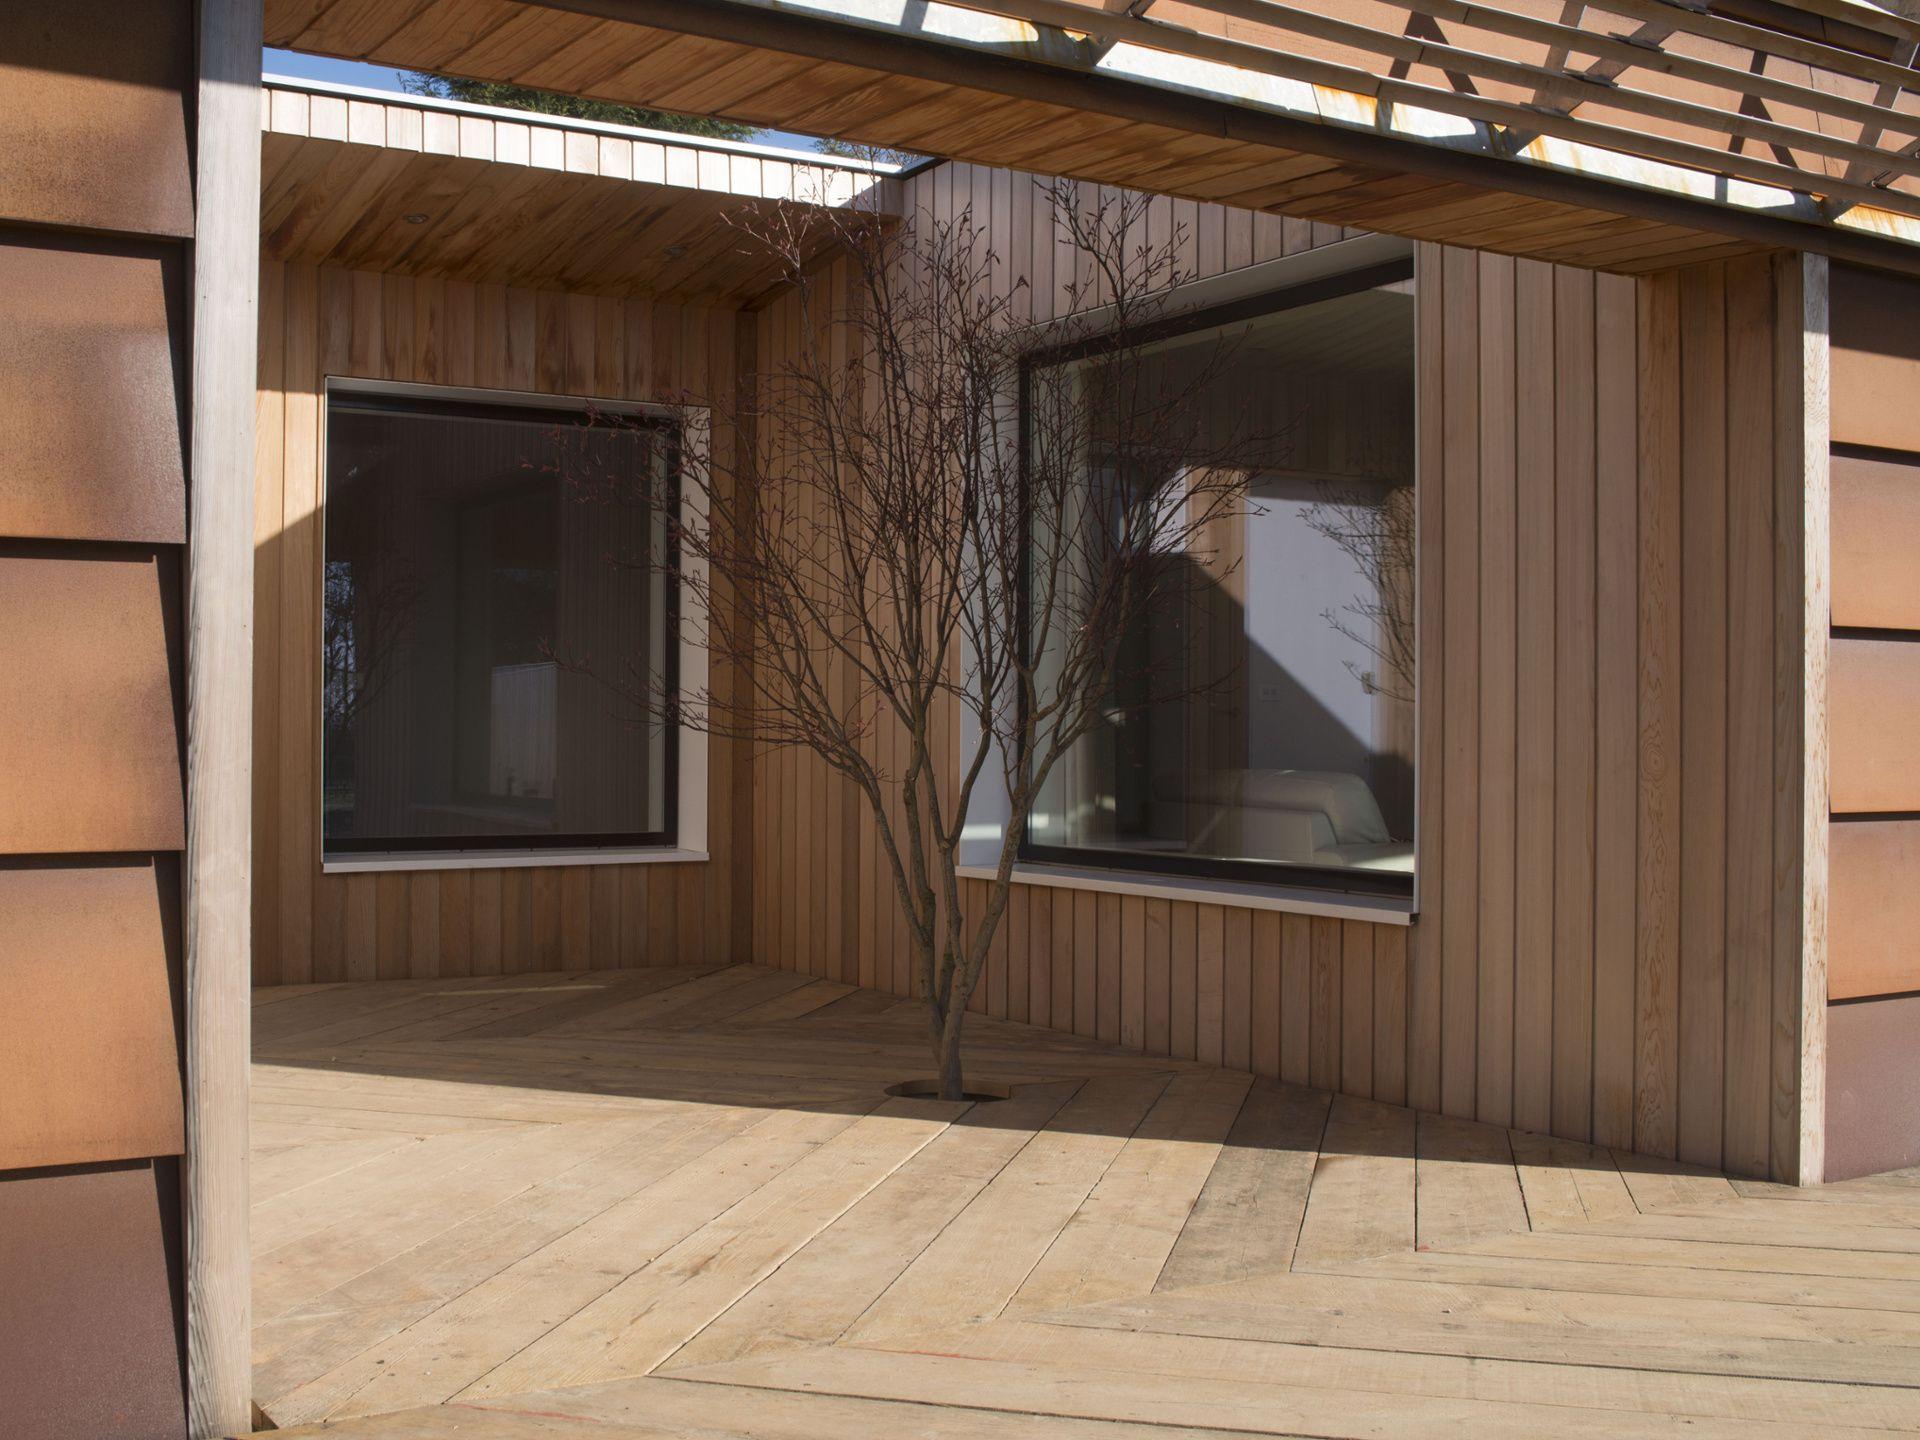 Corten staal met houten planken mooie gevel bekleding architecture pinterest houten - Architectuur staal corten ...